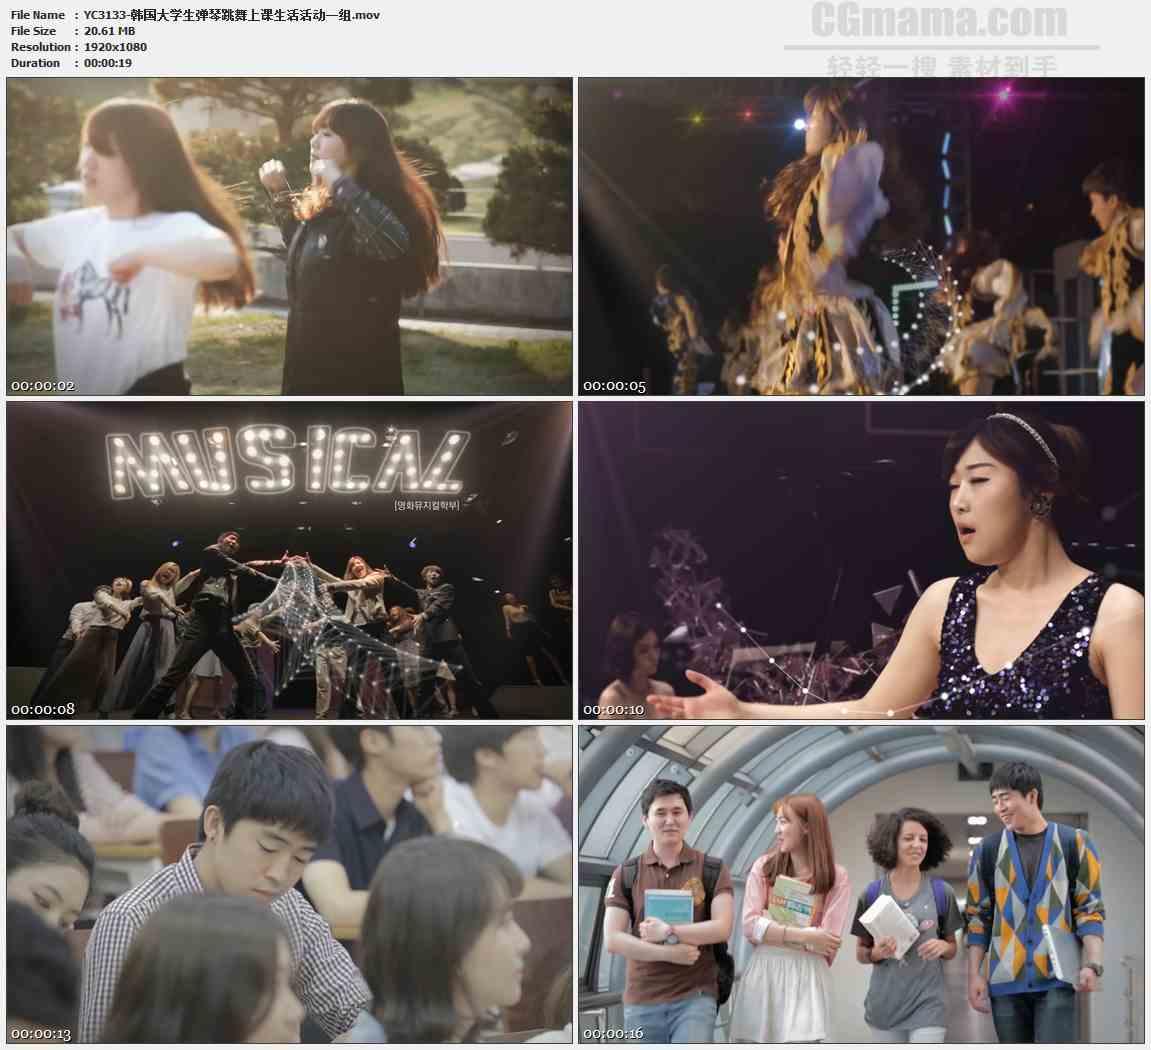 YC3133-韩国大学生弹琴跳舞上课生活活动一组高清实拍视频素材